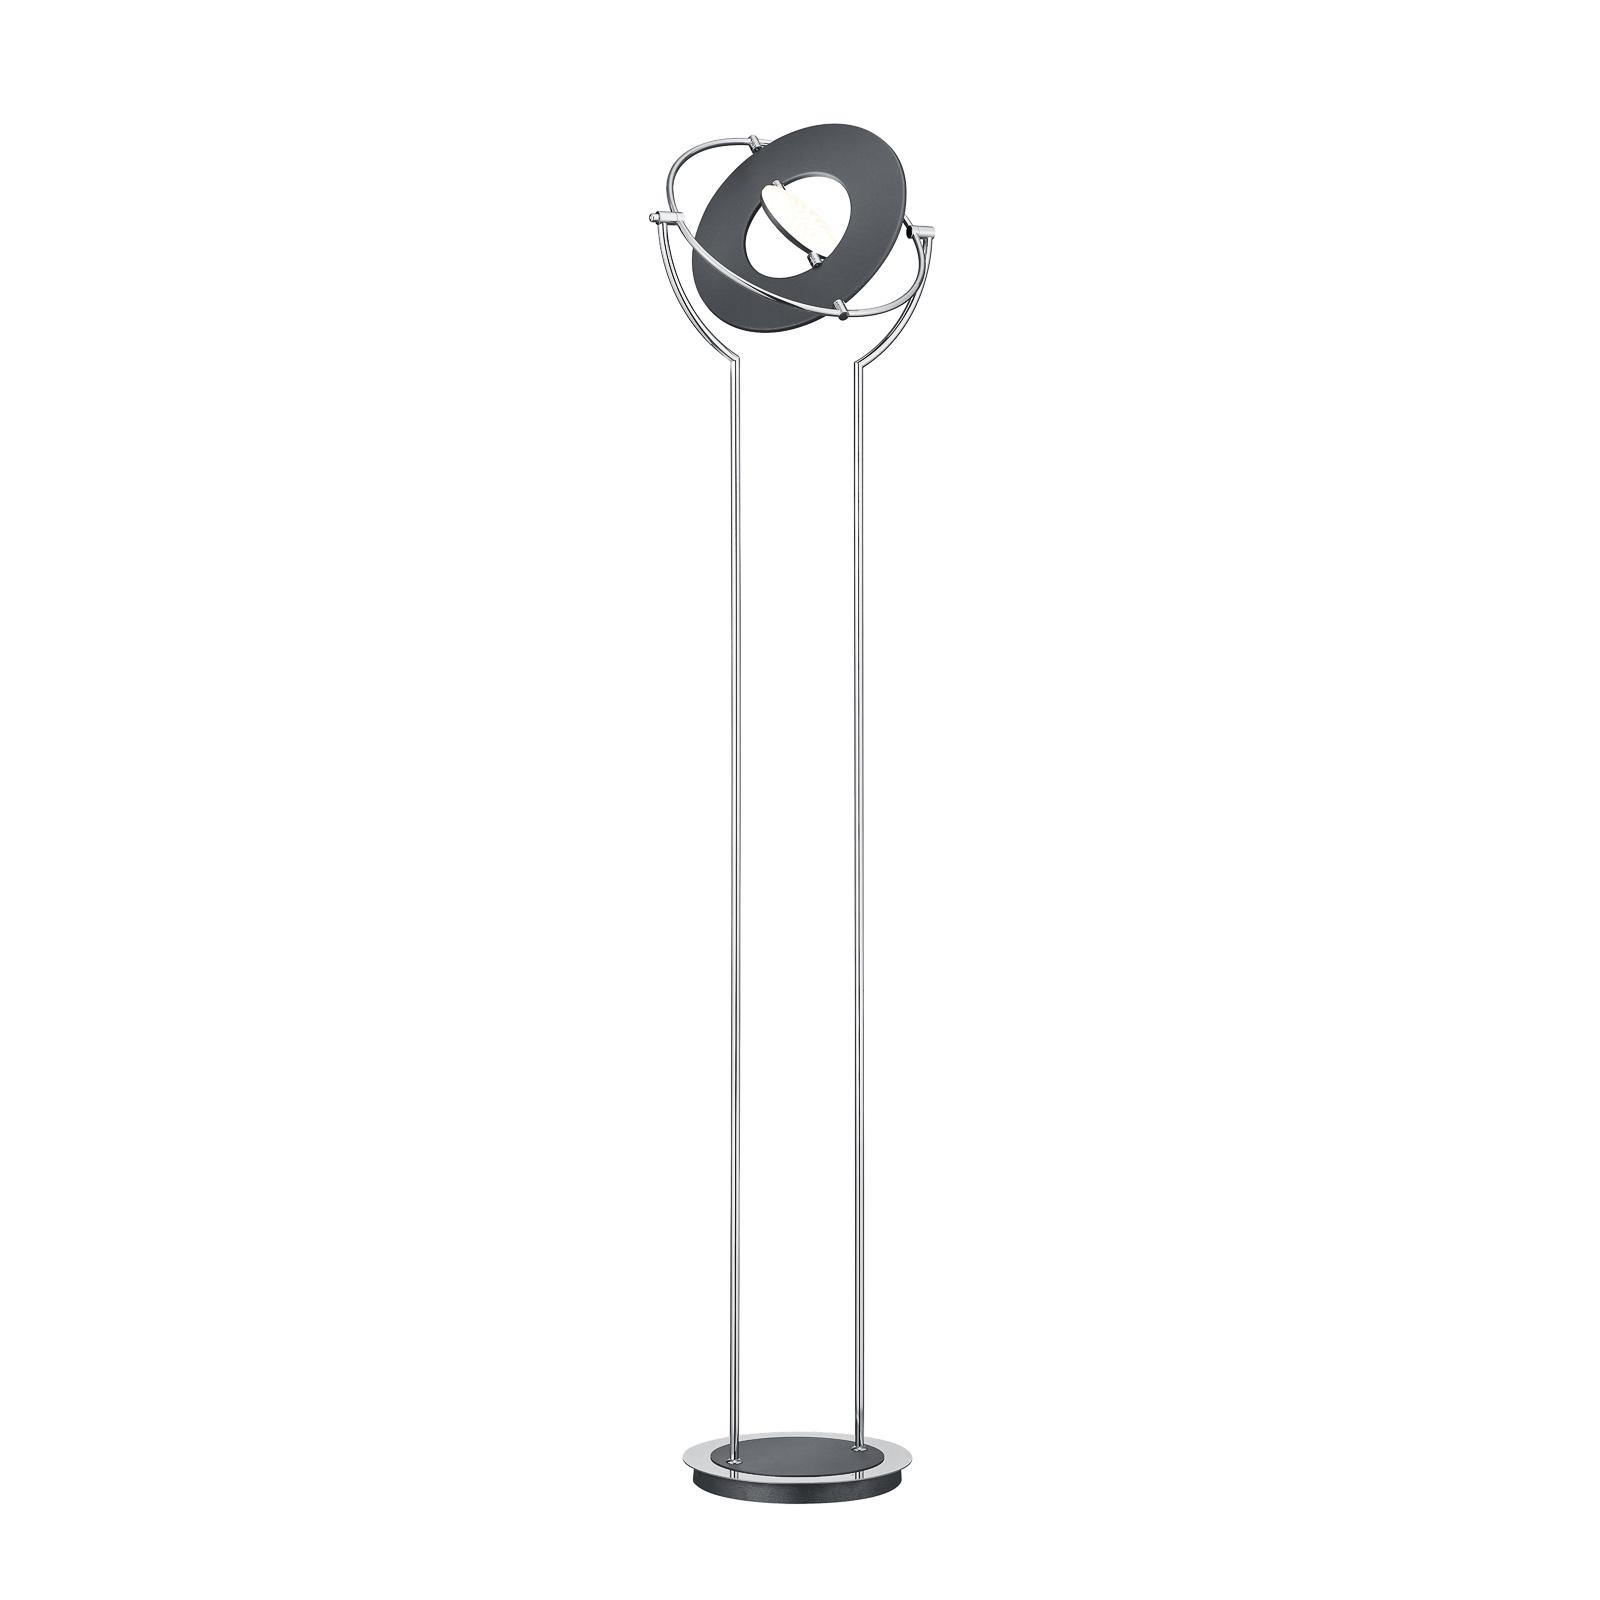 BANKAMP Astoria lampadaire LED, ZigBee gris chromé